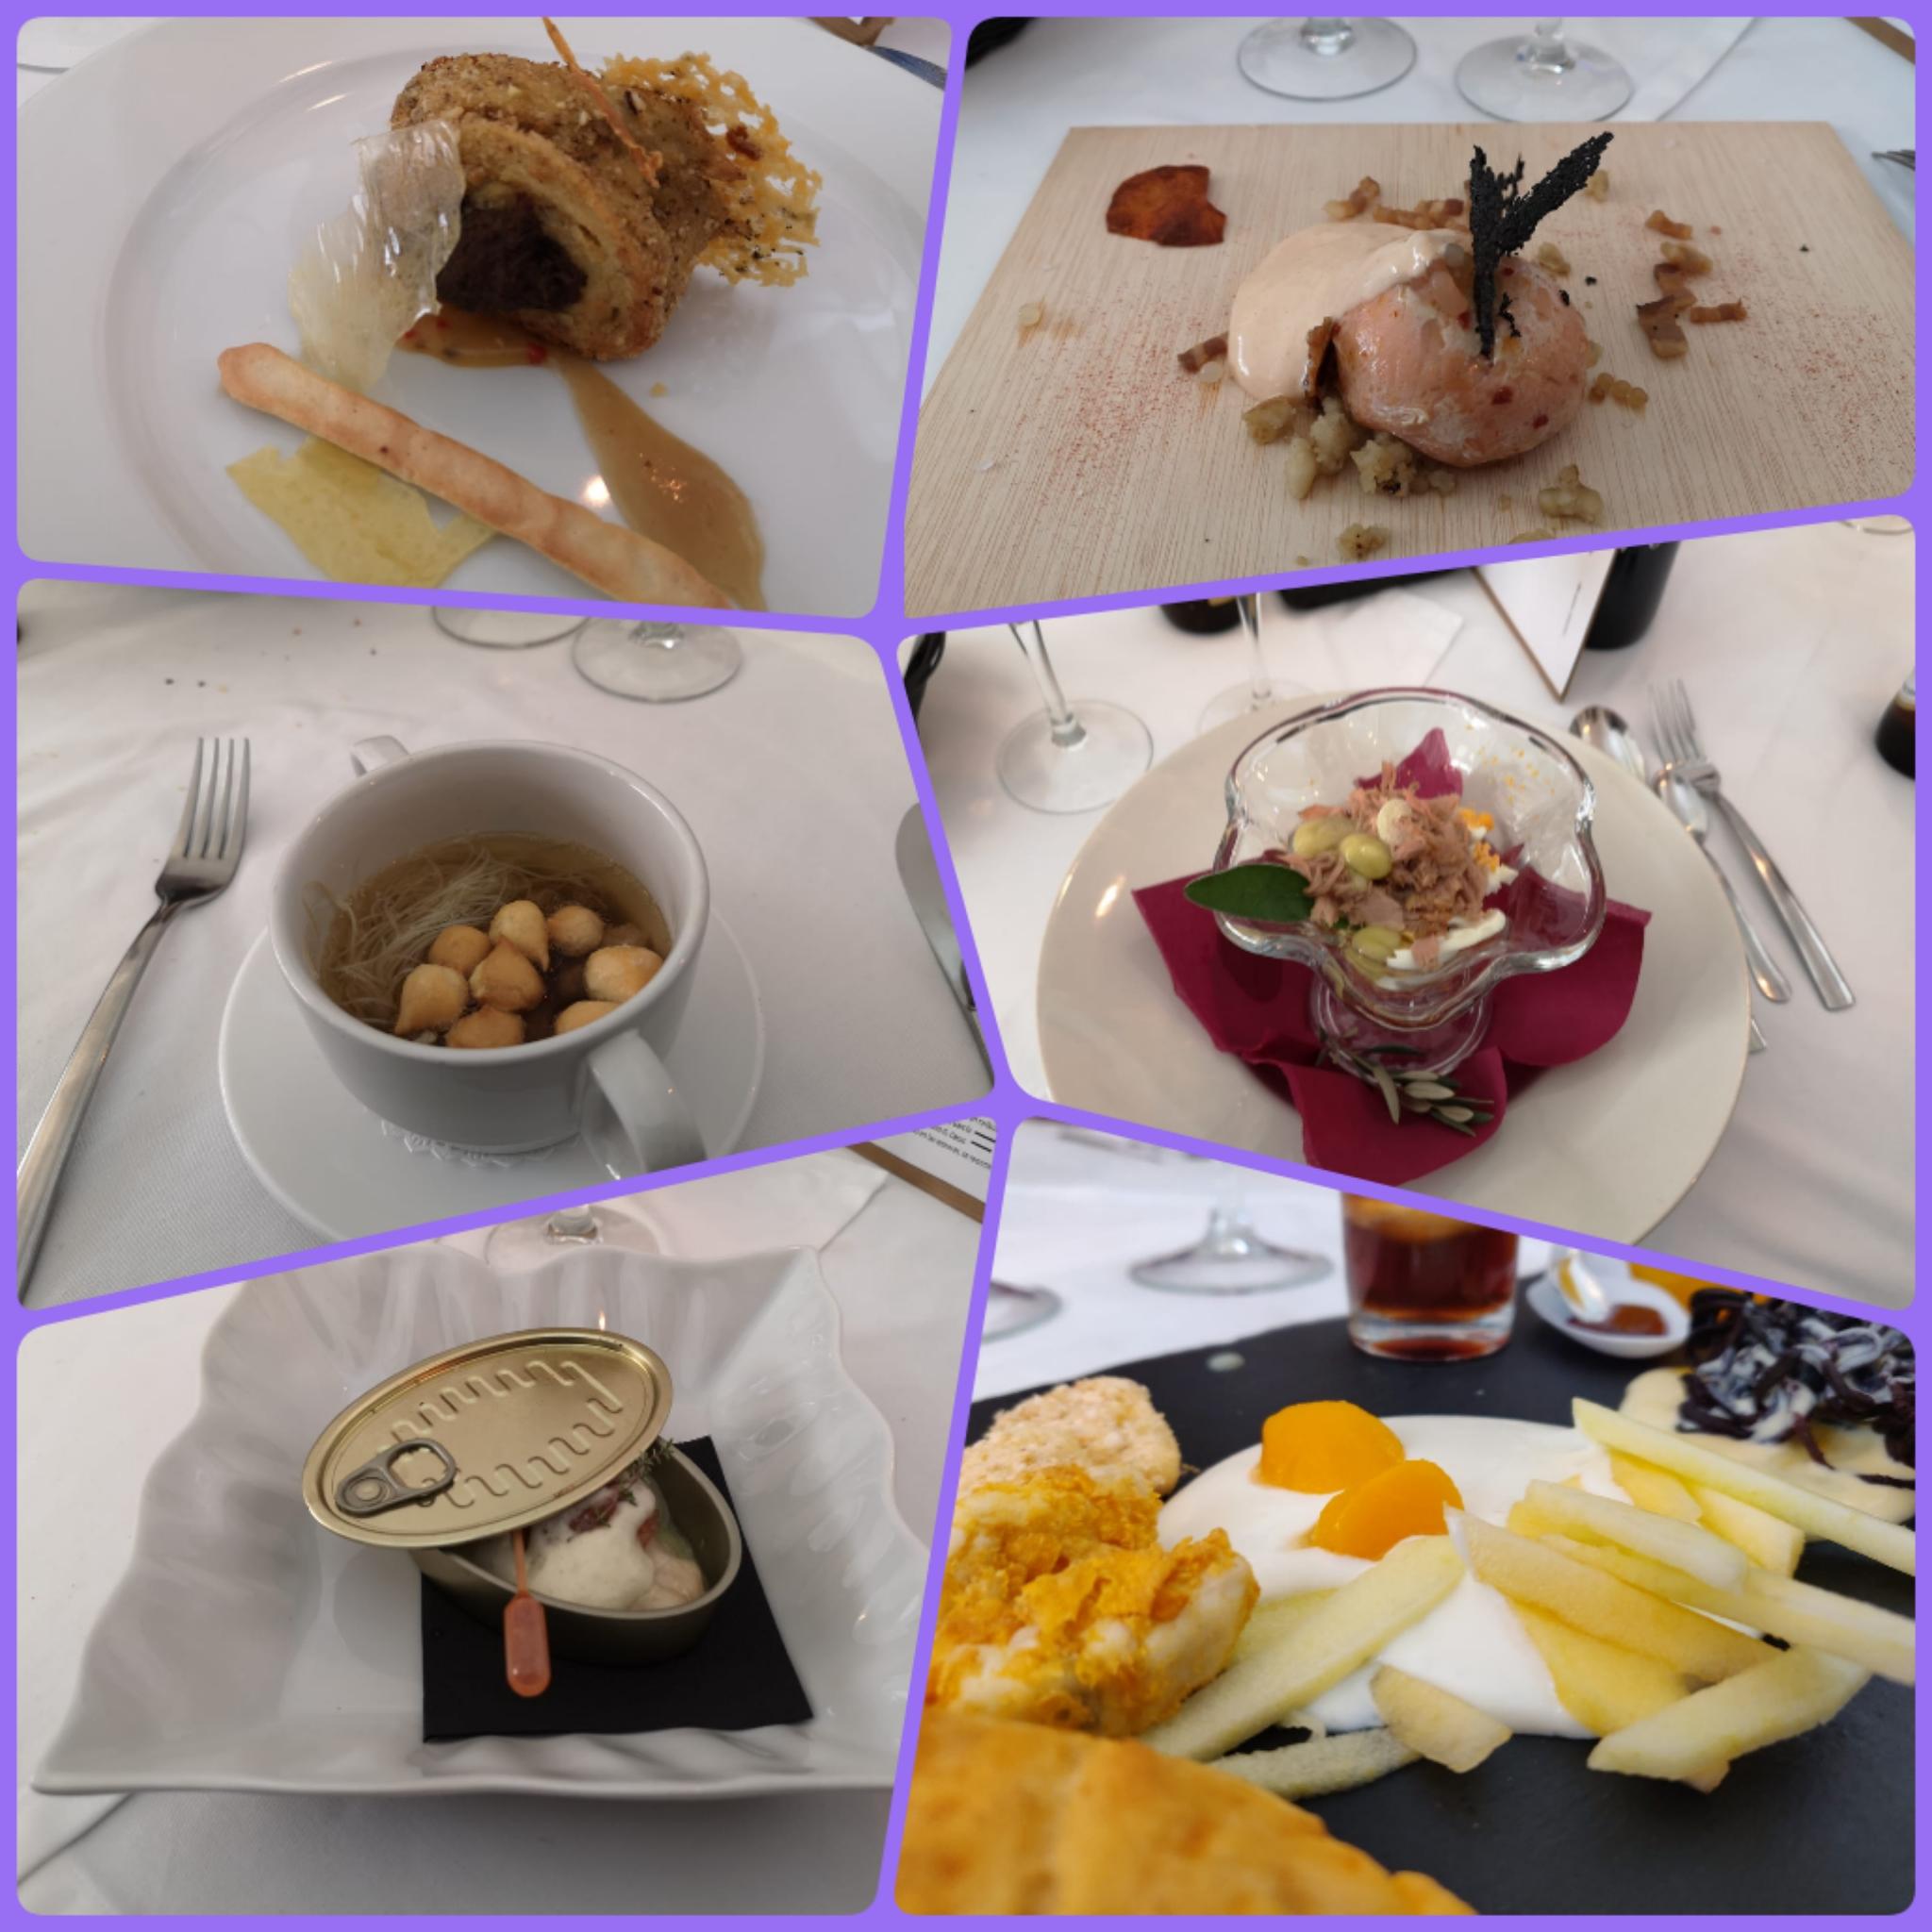 Fotos de los platos que se sirvieron ayer